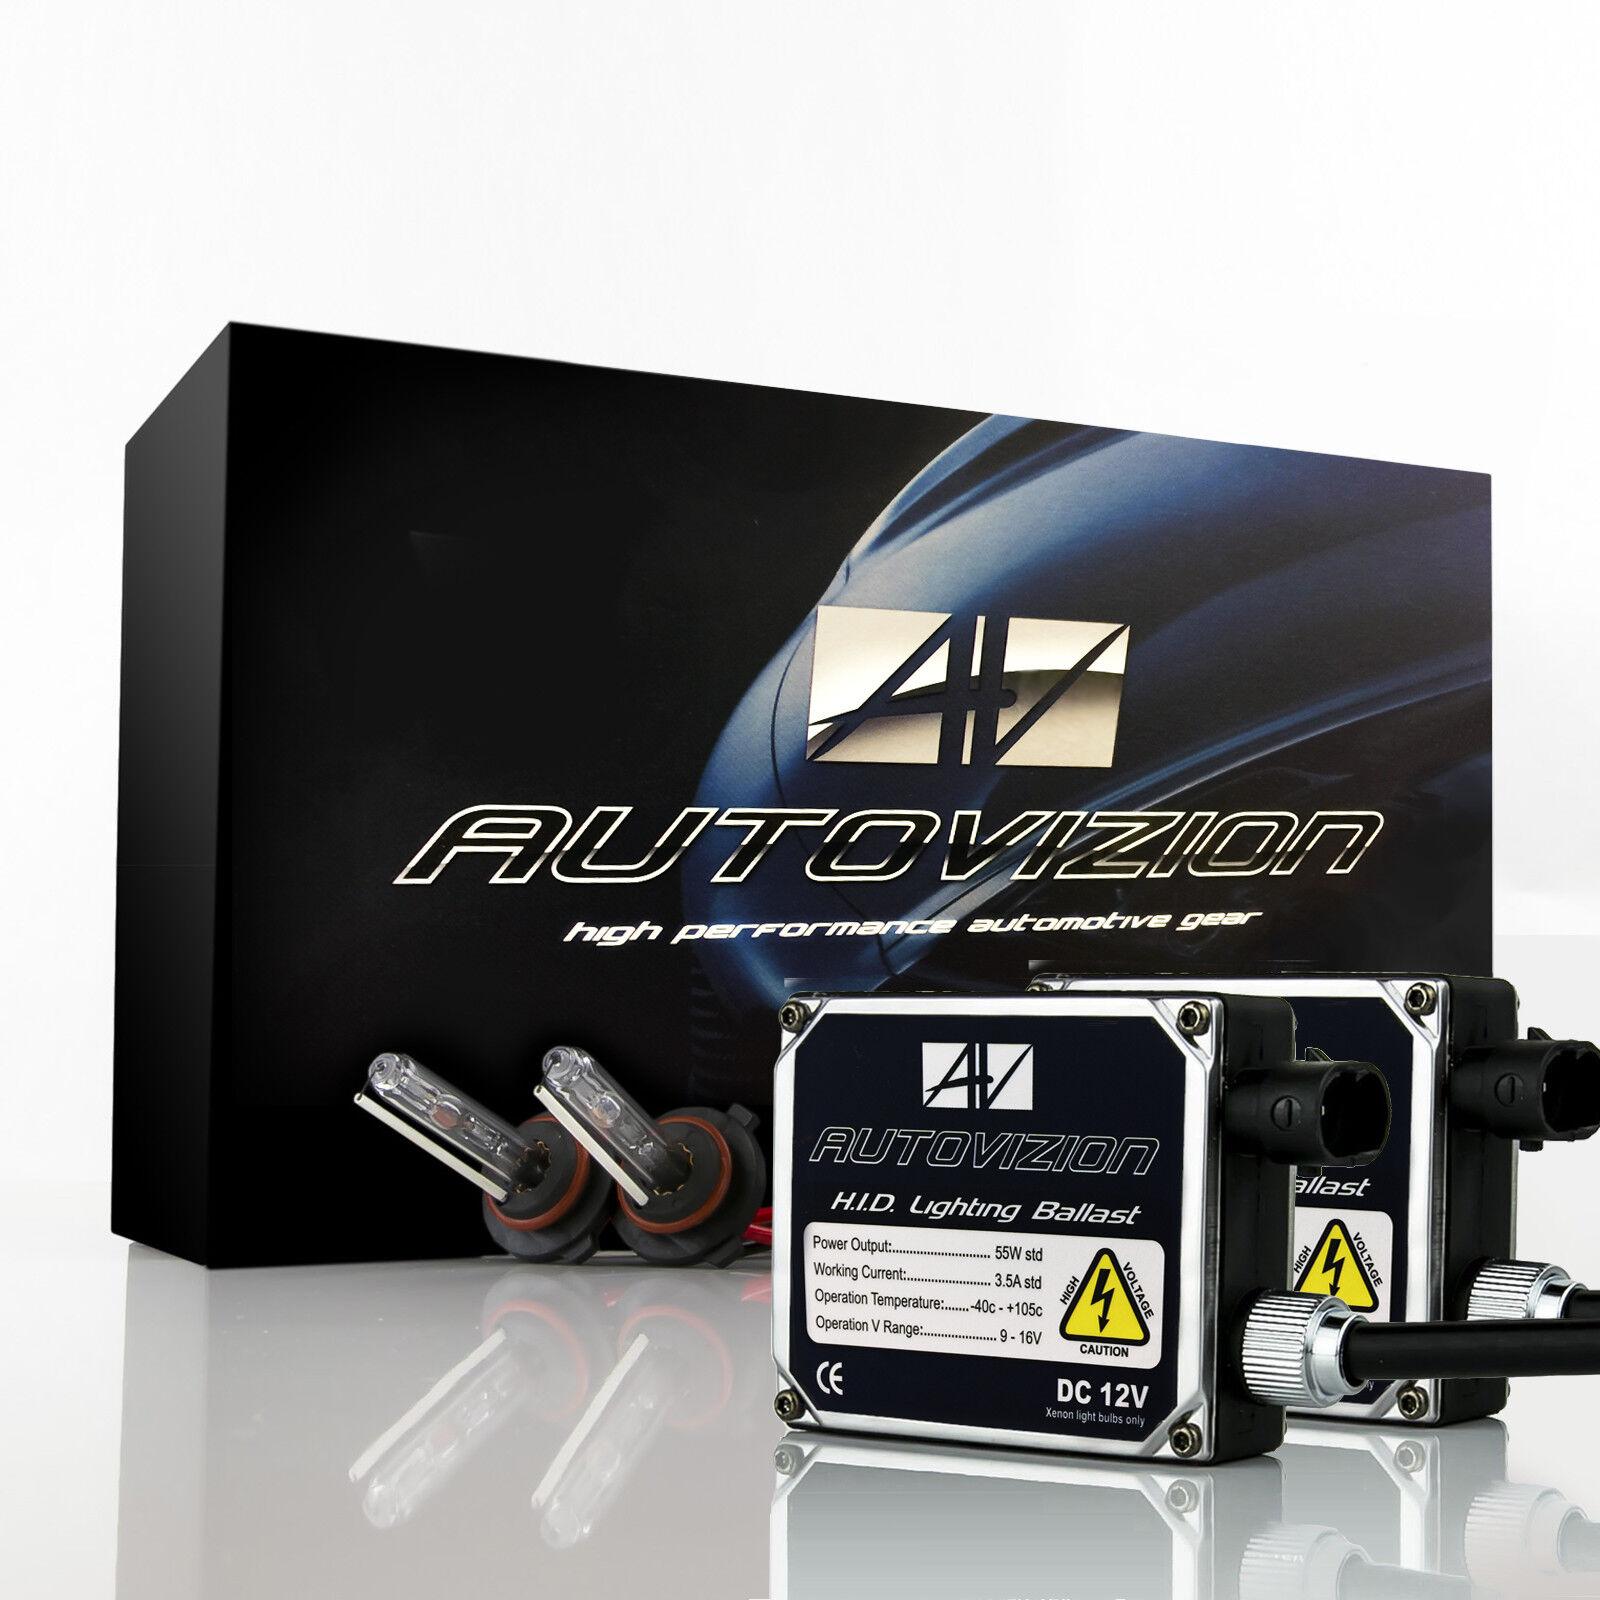 Autovizion 55W Xenon Lights HID Kit for Volkswagen Saveiro Tiguan Touareg Vento